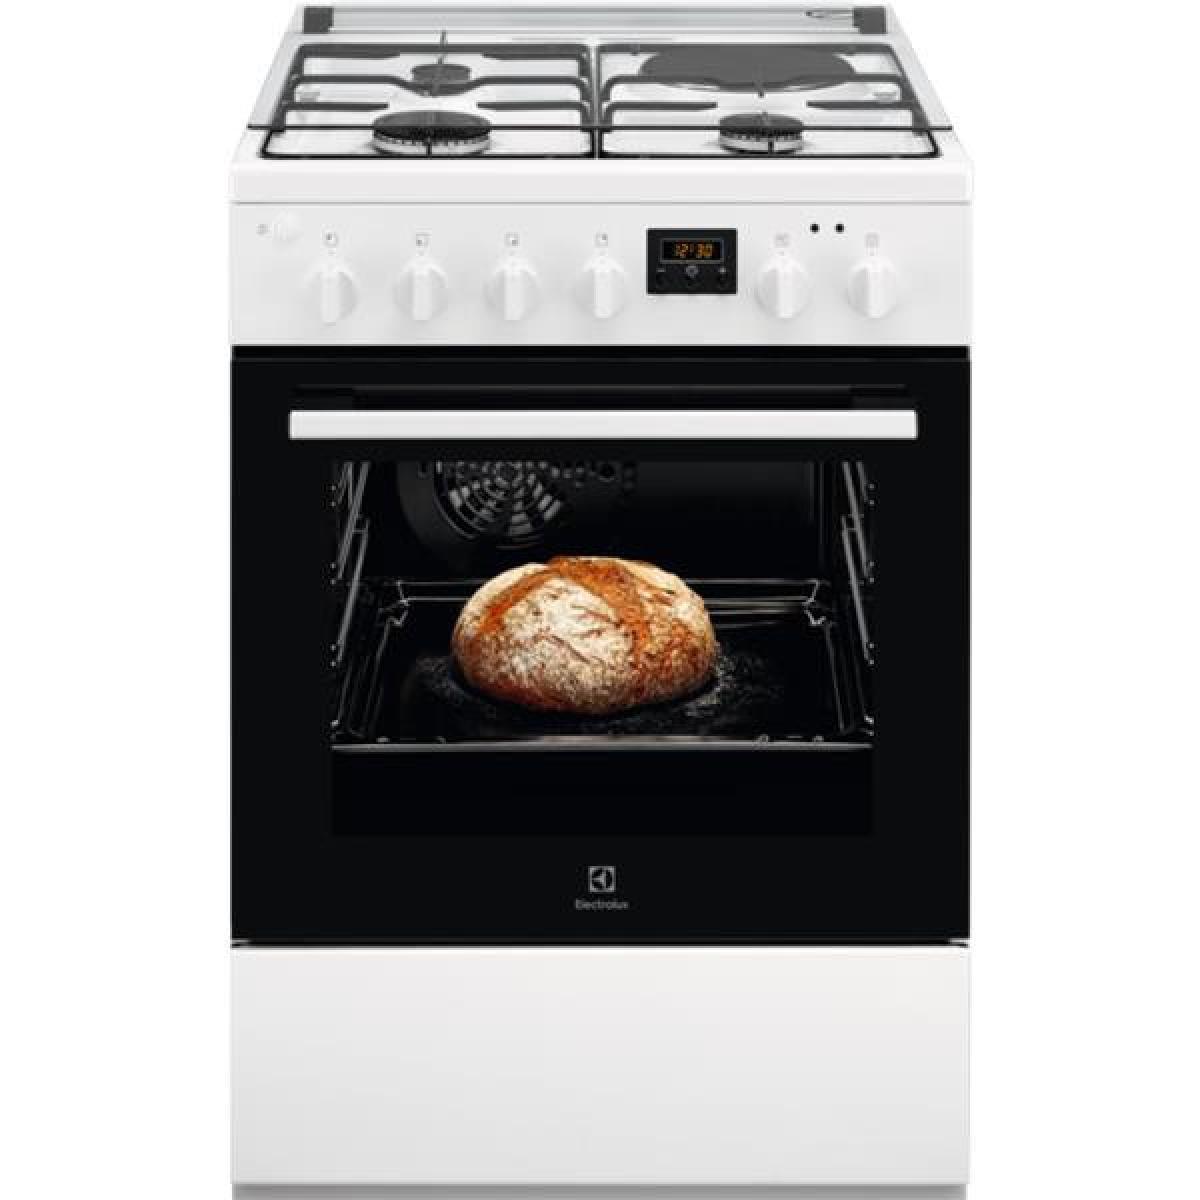 Electrolux Cuisinière 60x60 - TABLE: Mixte gaz / électrique - 3 foyers gaz + 1 foy ELECTROLUX - LKM624011W